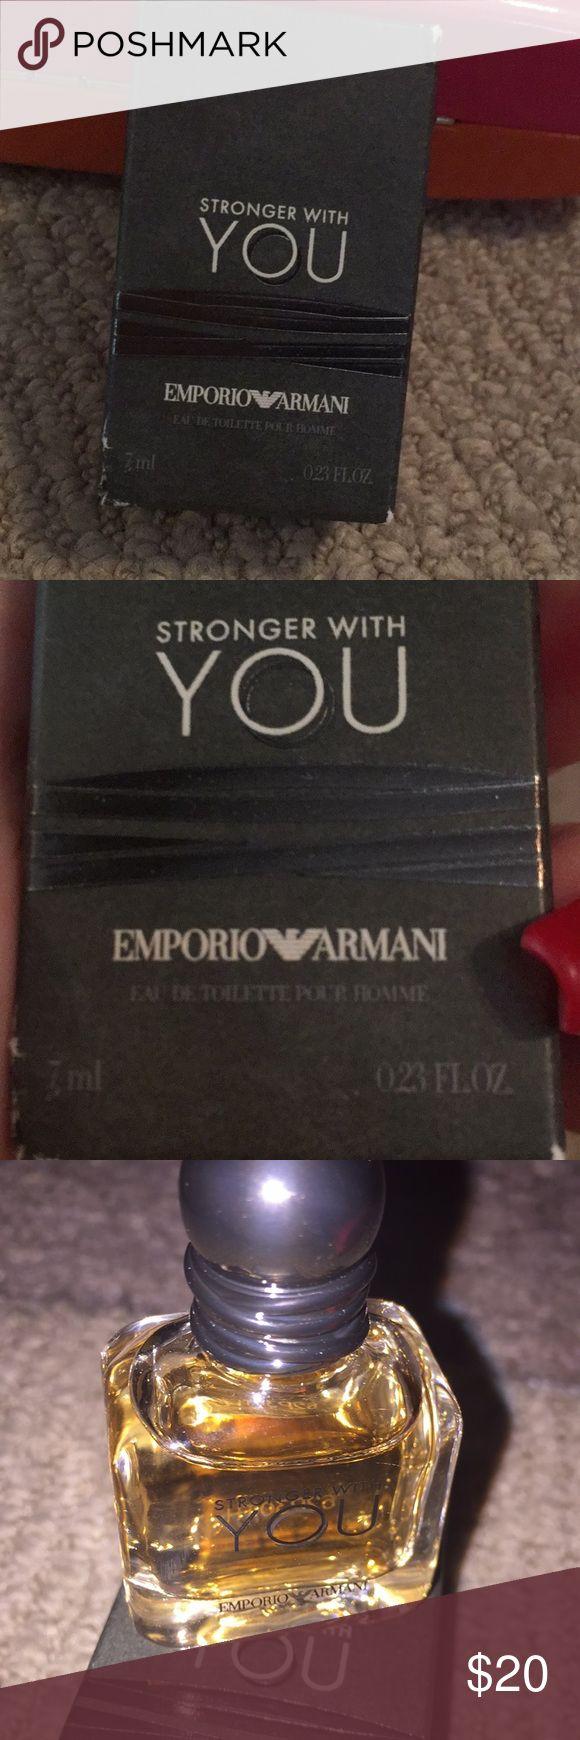 Stronger with you eau de toilette pour homme 7ml Stronger with you eau de toilette pour homme Emporio Armani Other